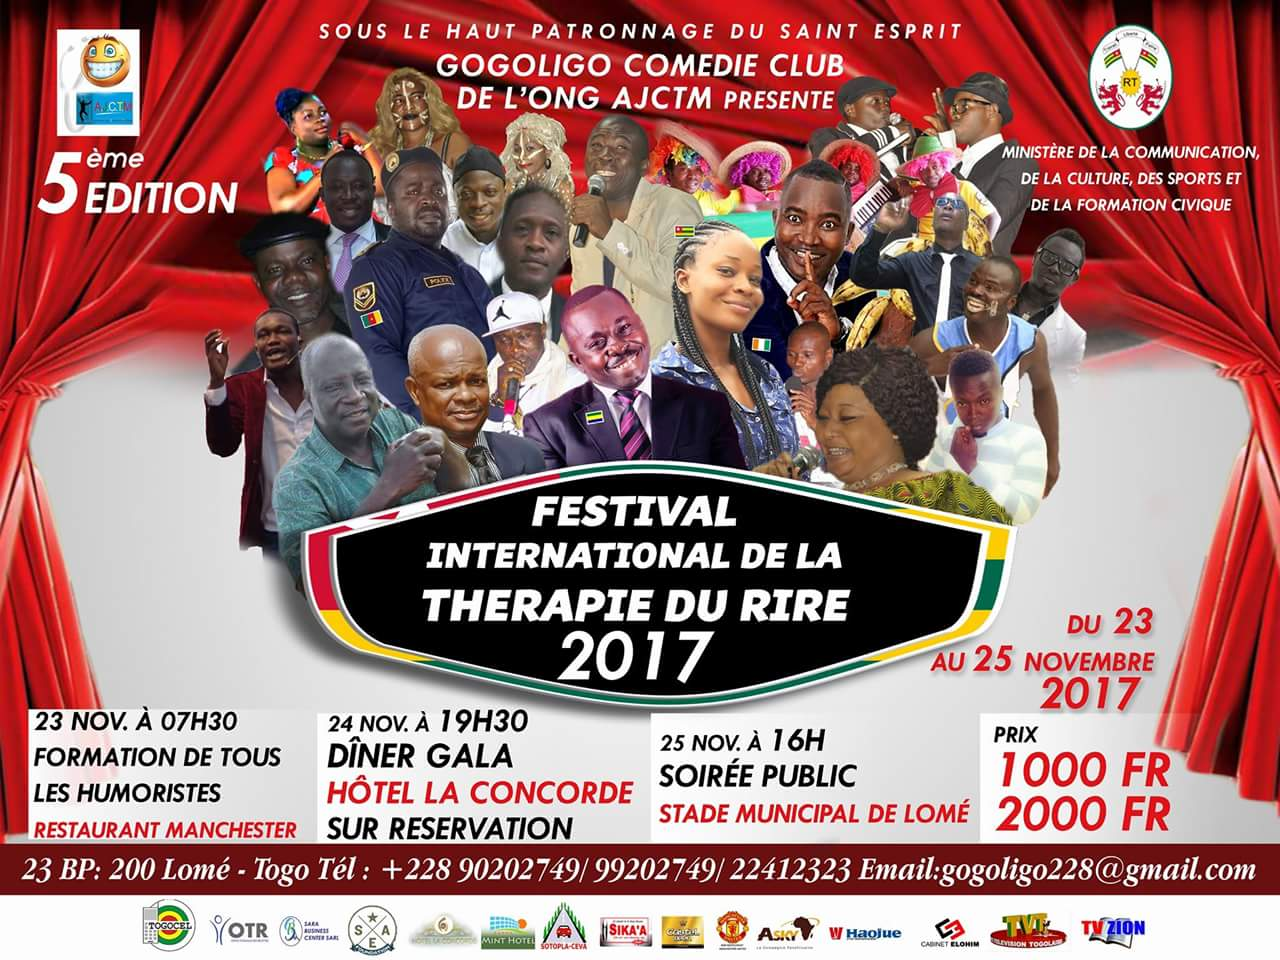 FB IMG 1511680129700 Boudé par le public togolais, Gogoligo annule son spectacle